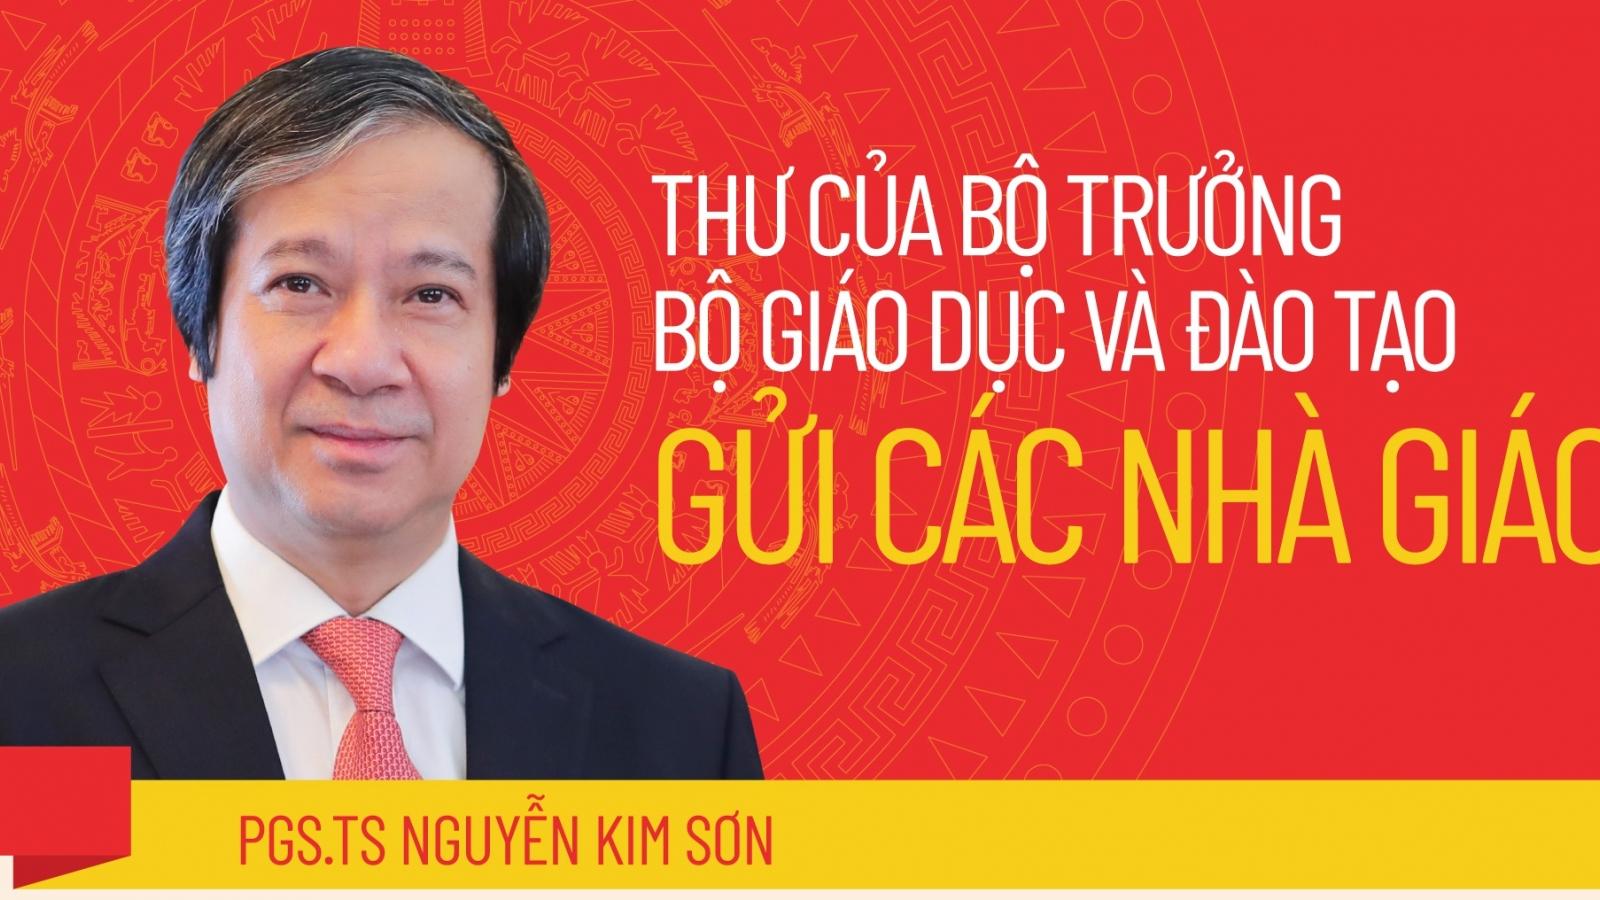 Tân Bộ trưởng Bộ GD&ĐT Nguyễn Kim Sơn gửi thư cho các nhà giáo